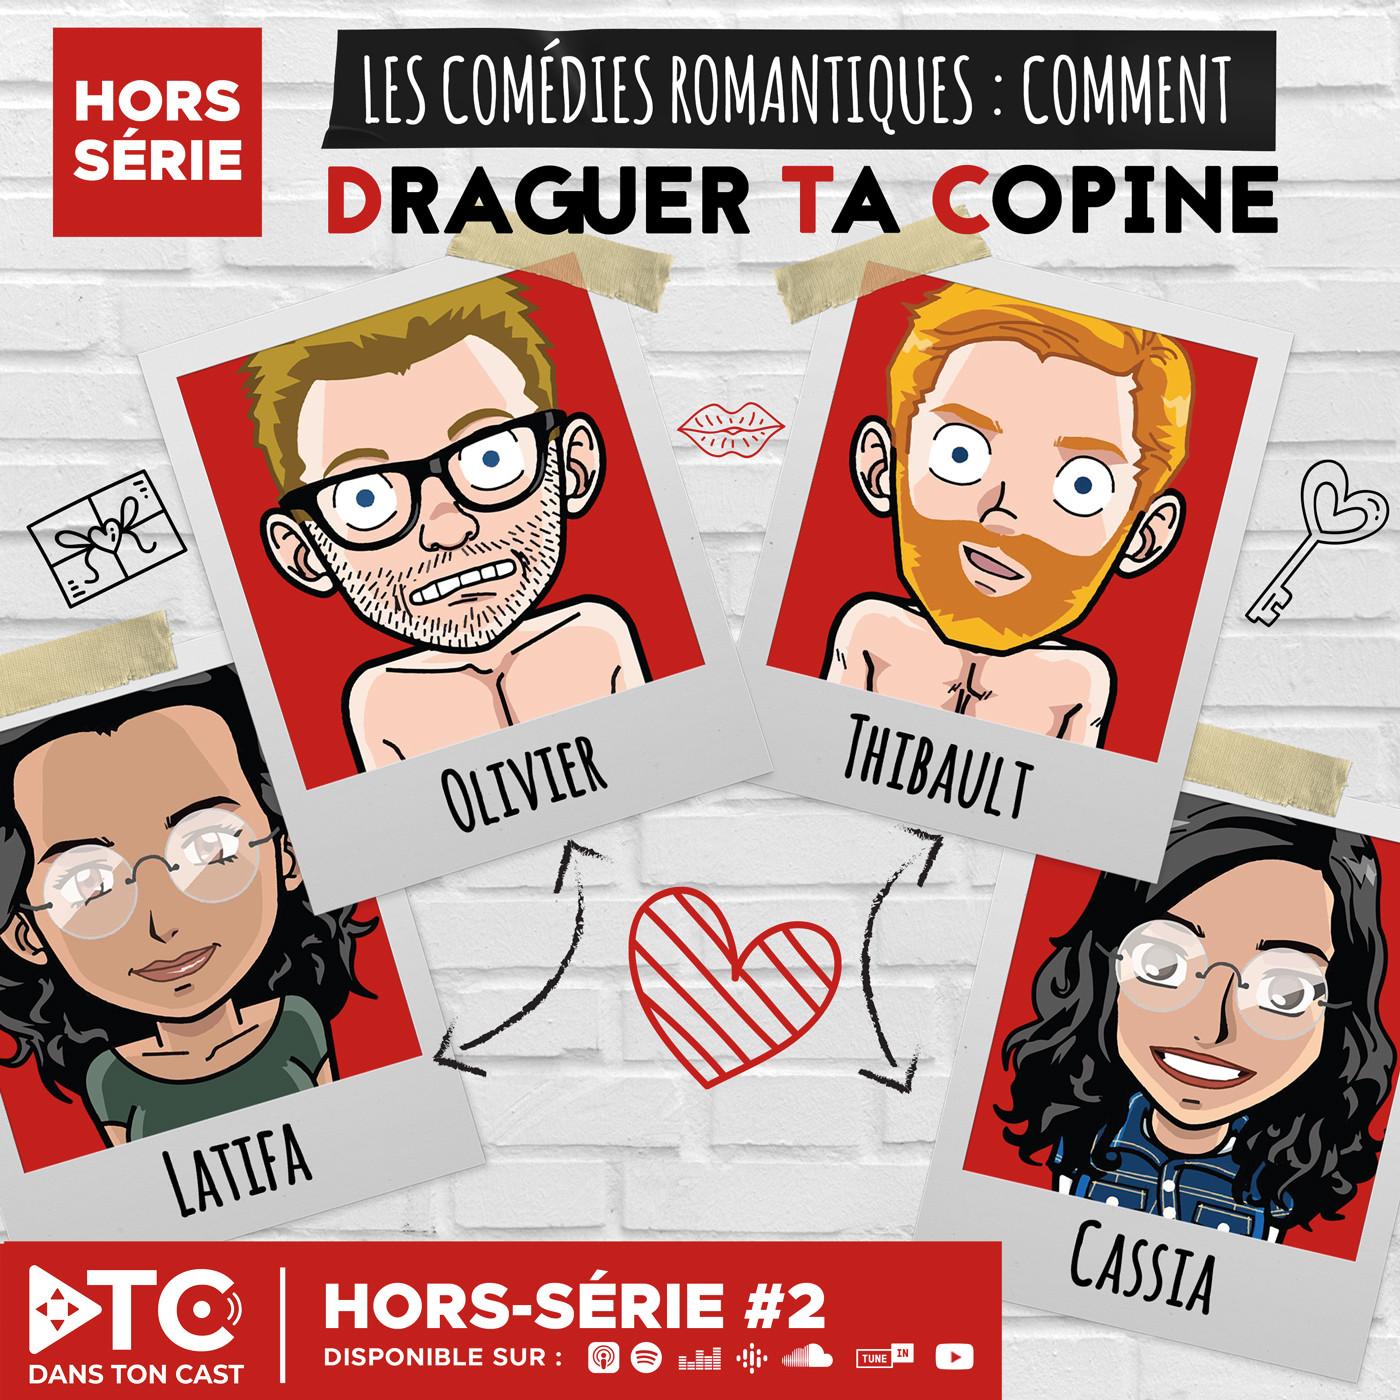 S1E6 - Hors-Série n°2 - Les Comédies Romantiques